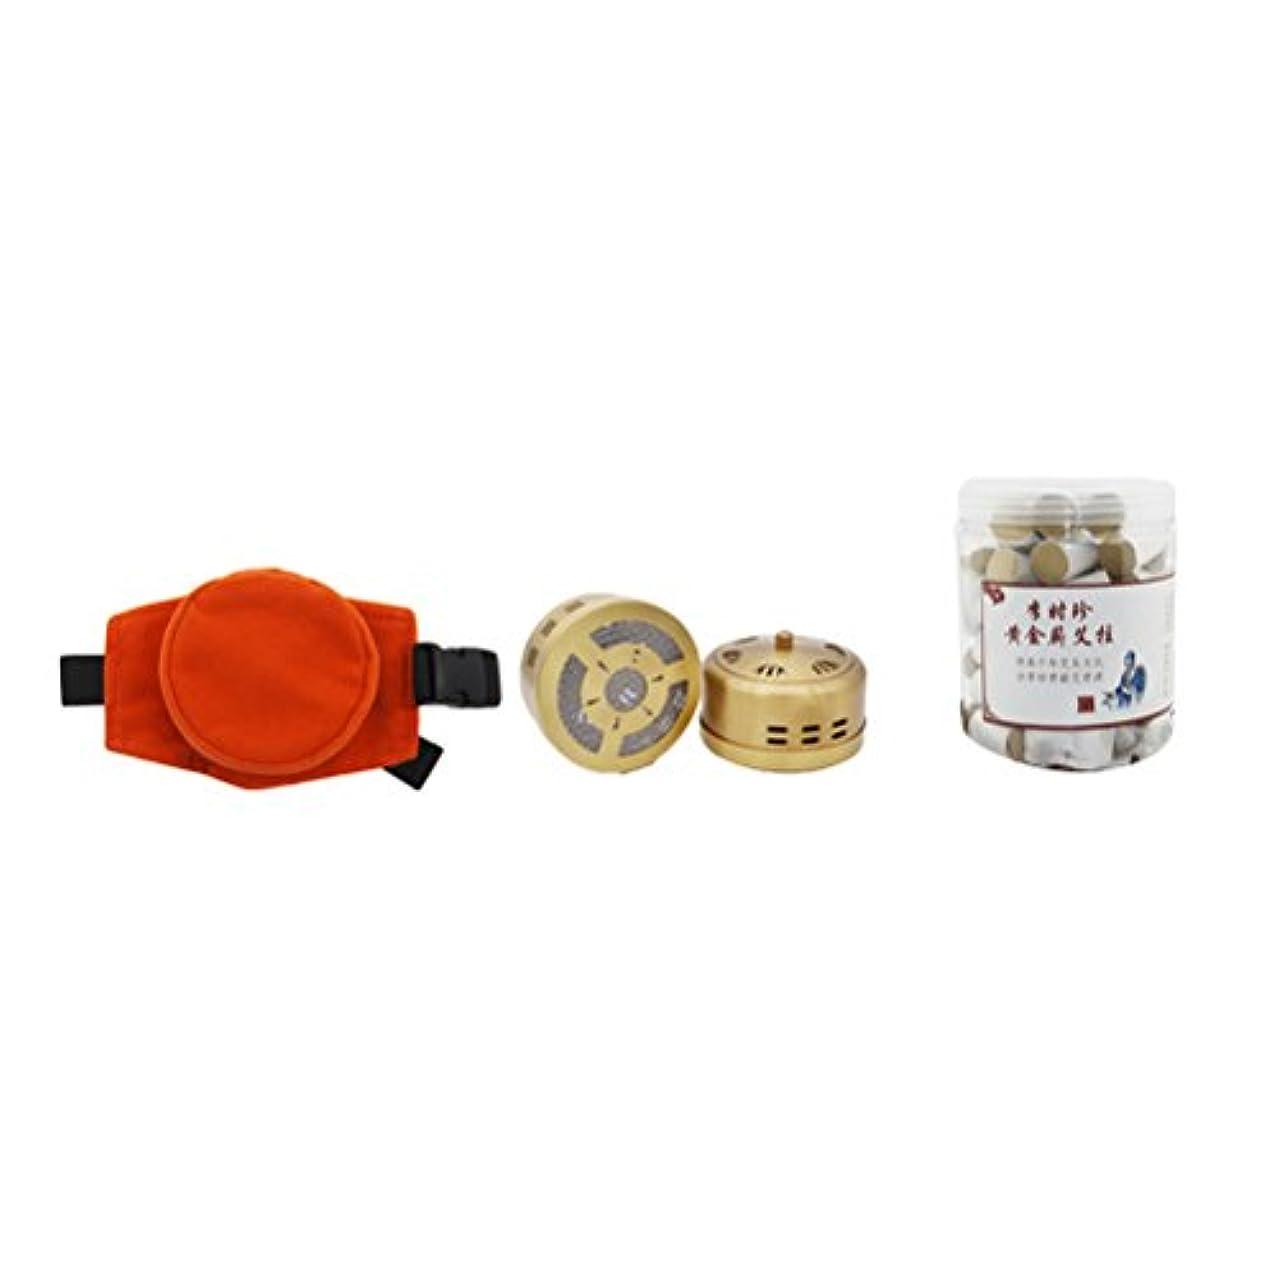 悪の口ひげ法医学灸スティックバーナーボックス無煙Moxa清浄器銅タンク調節可能なポケットと60個の腰部頚部の膝関節炎痛み緩和のための灸棒の灸治療の箱